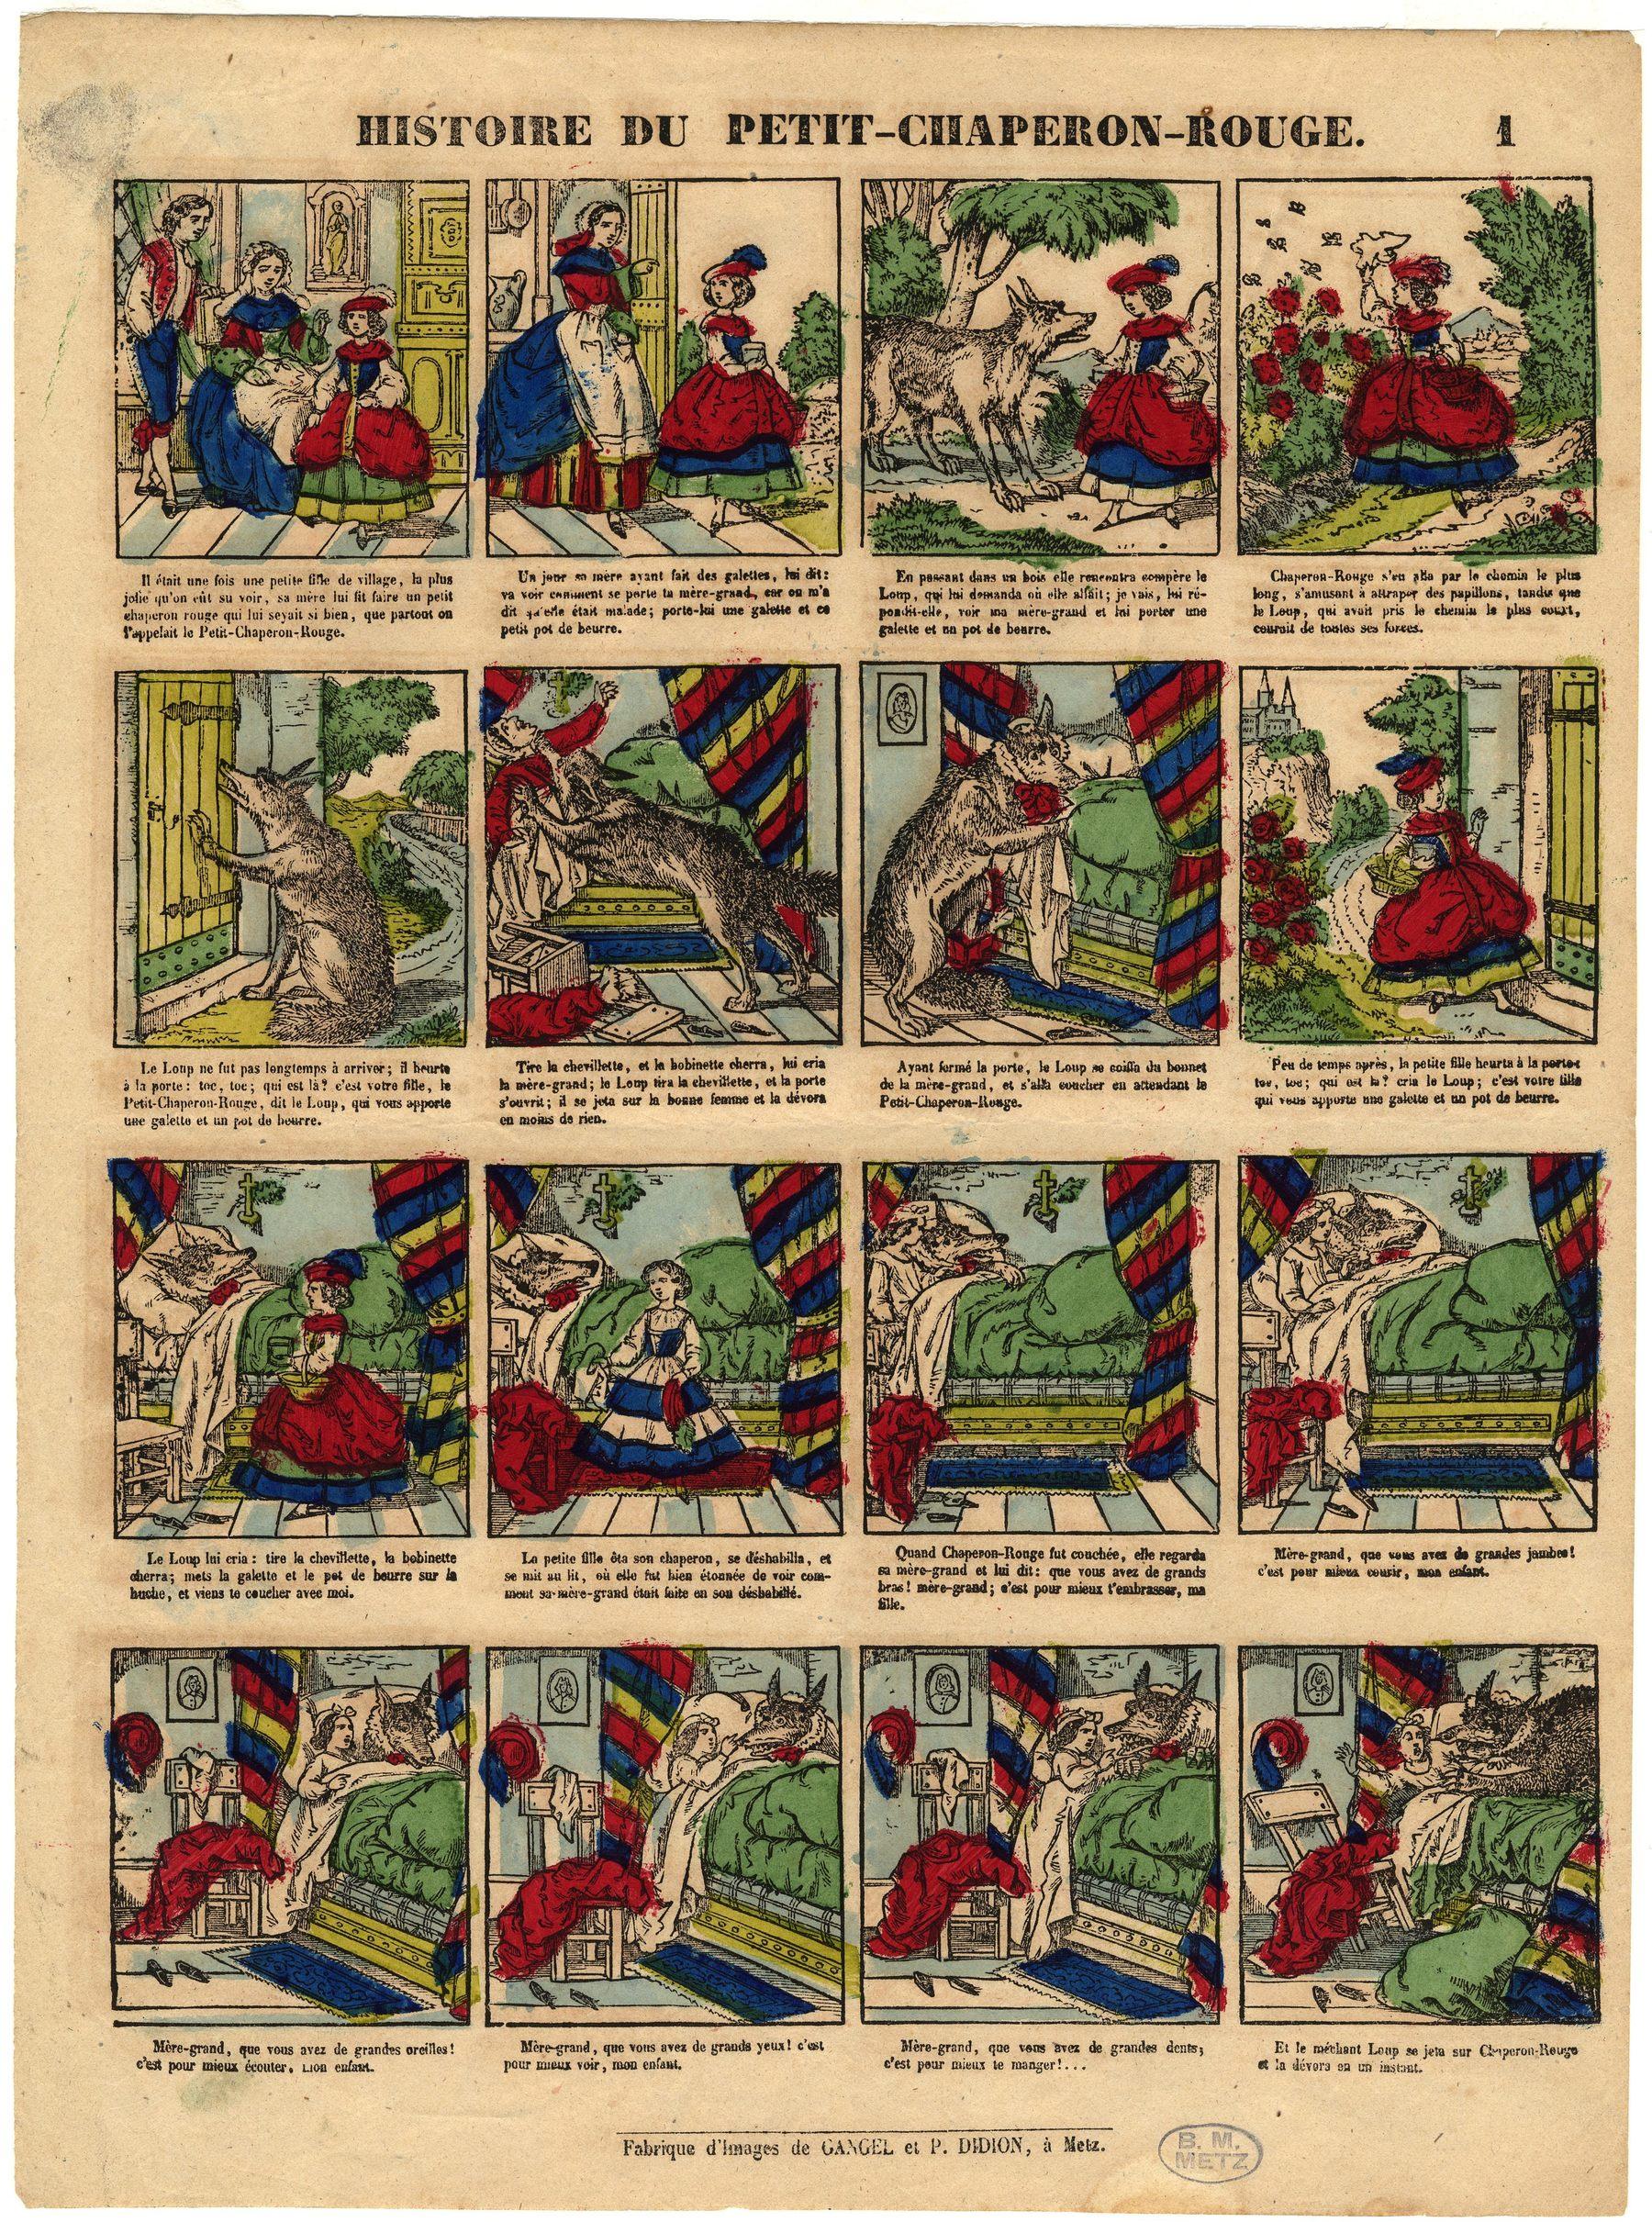 Contenu du Imagerie populaire - Histoire du Petit Chaperon rouge